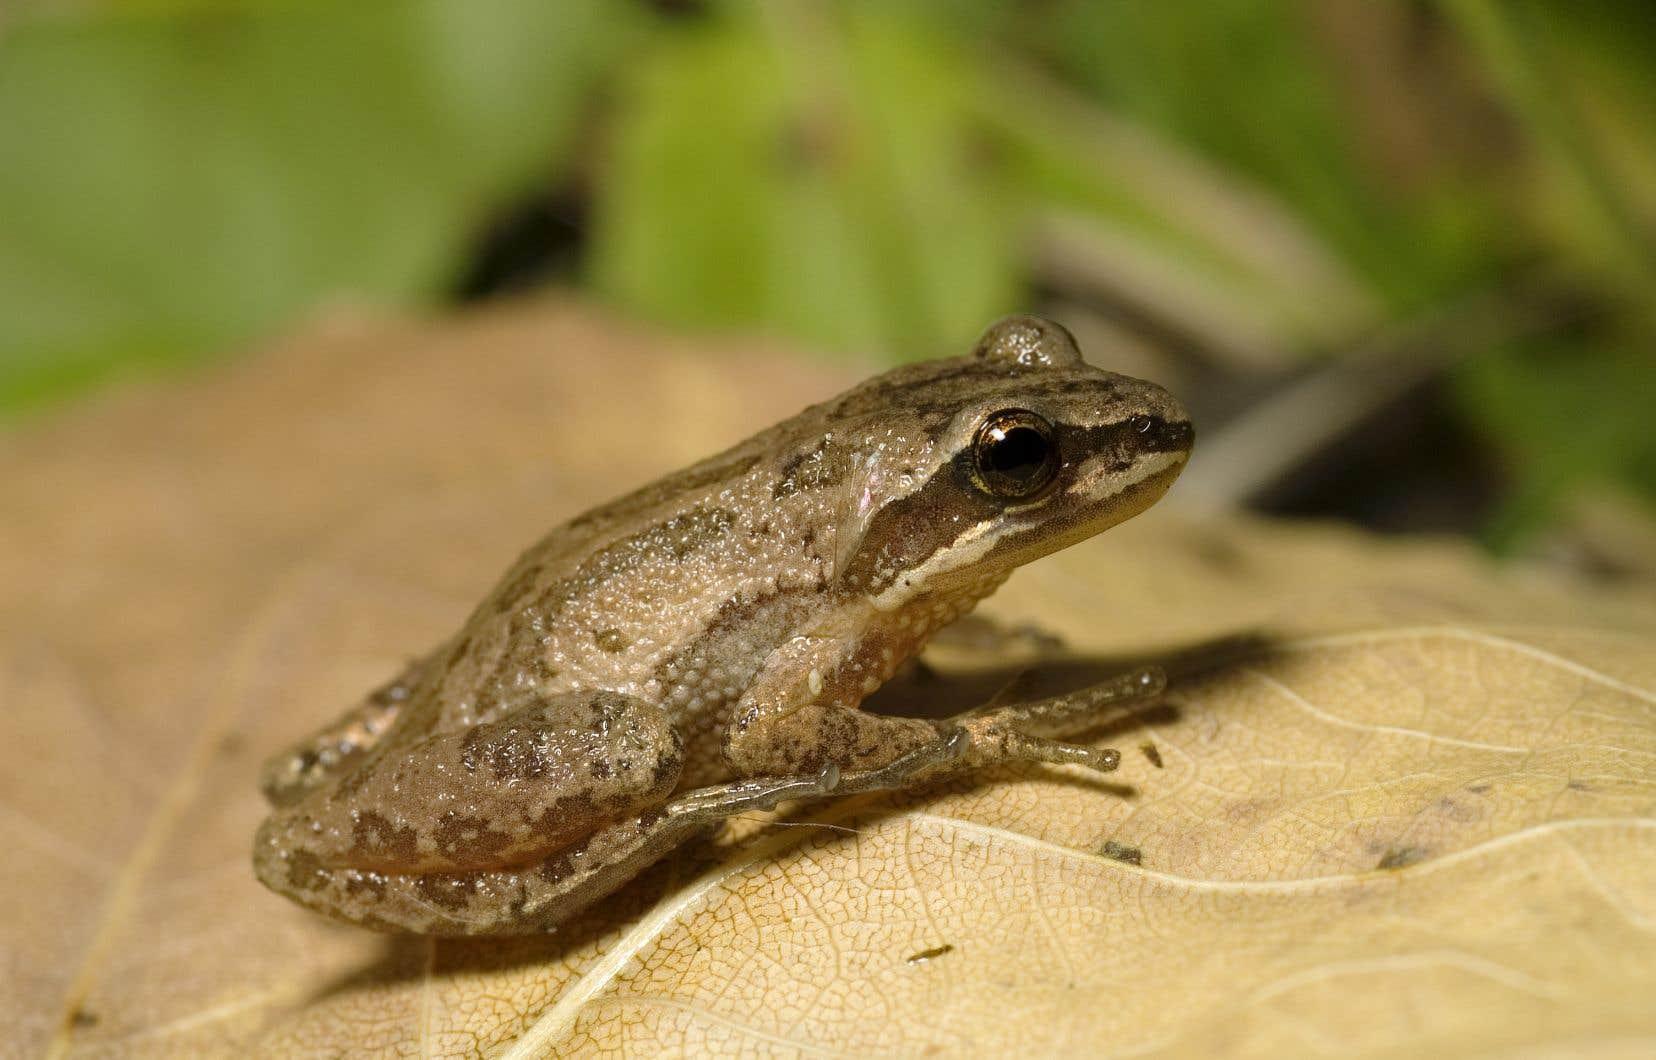 La petite grenouille en voie de disparition faisait l'objet d'une bataille judiciaire depuis deux ans.